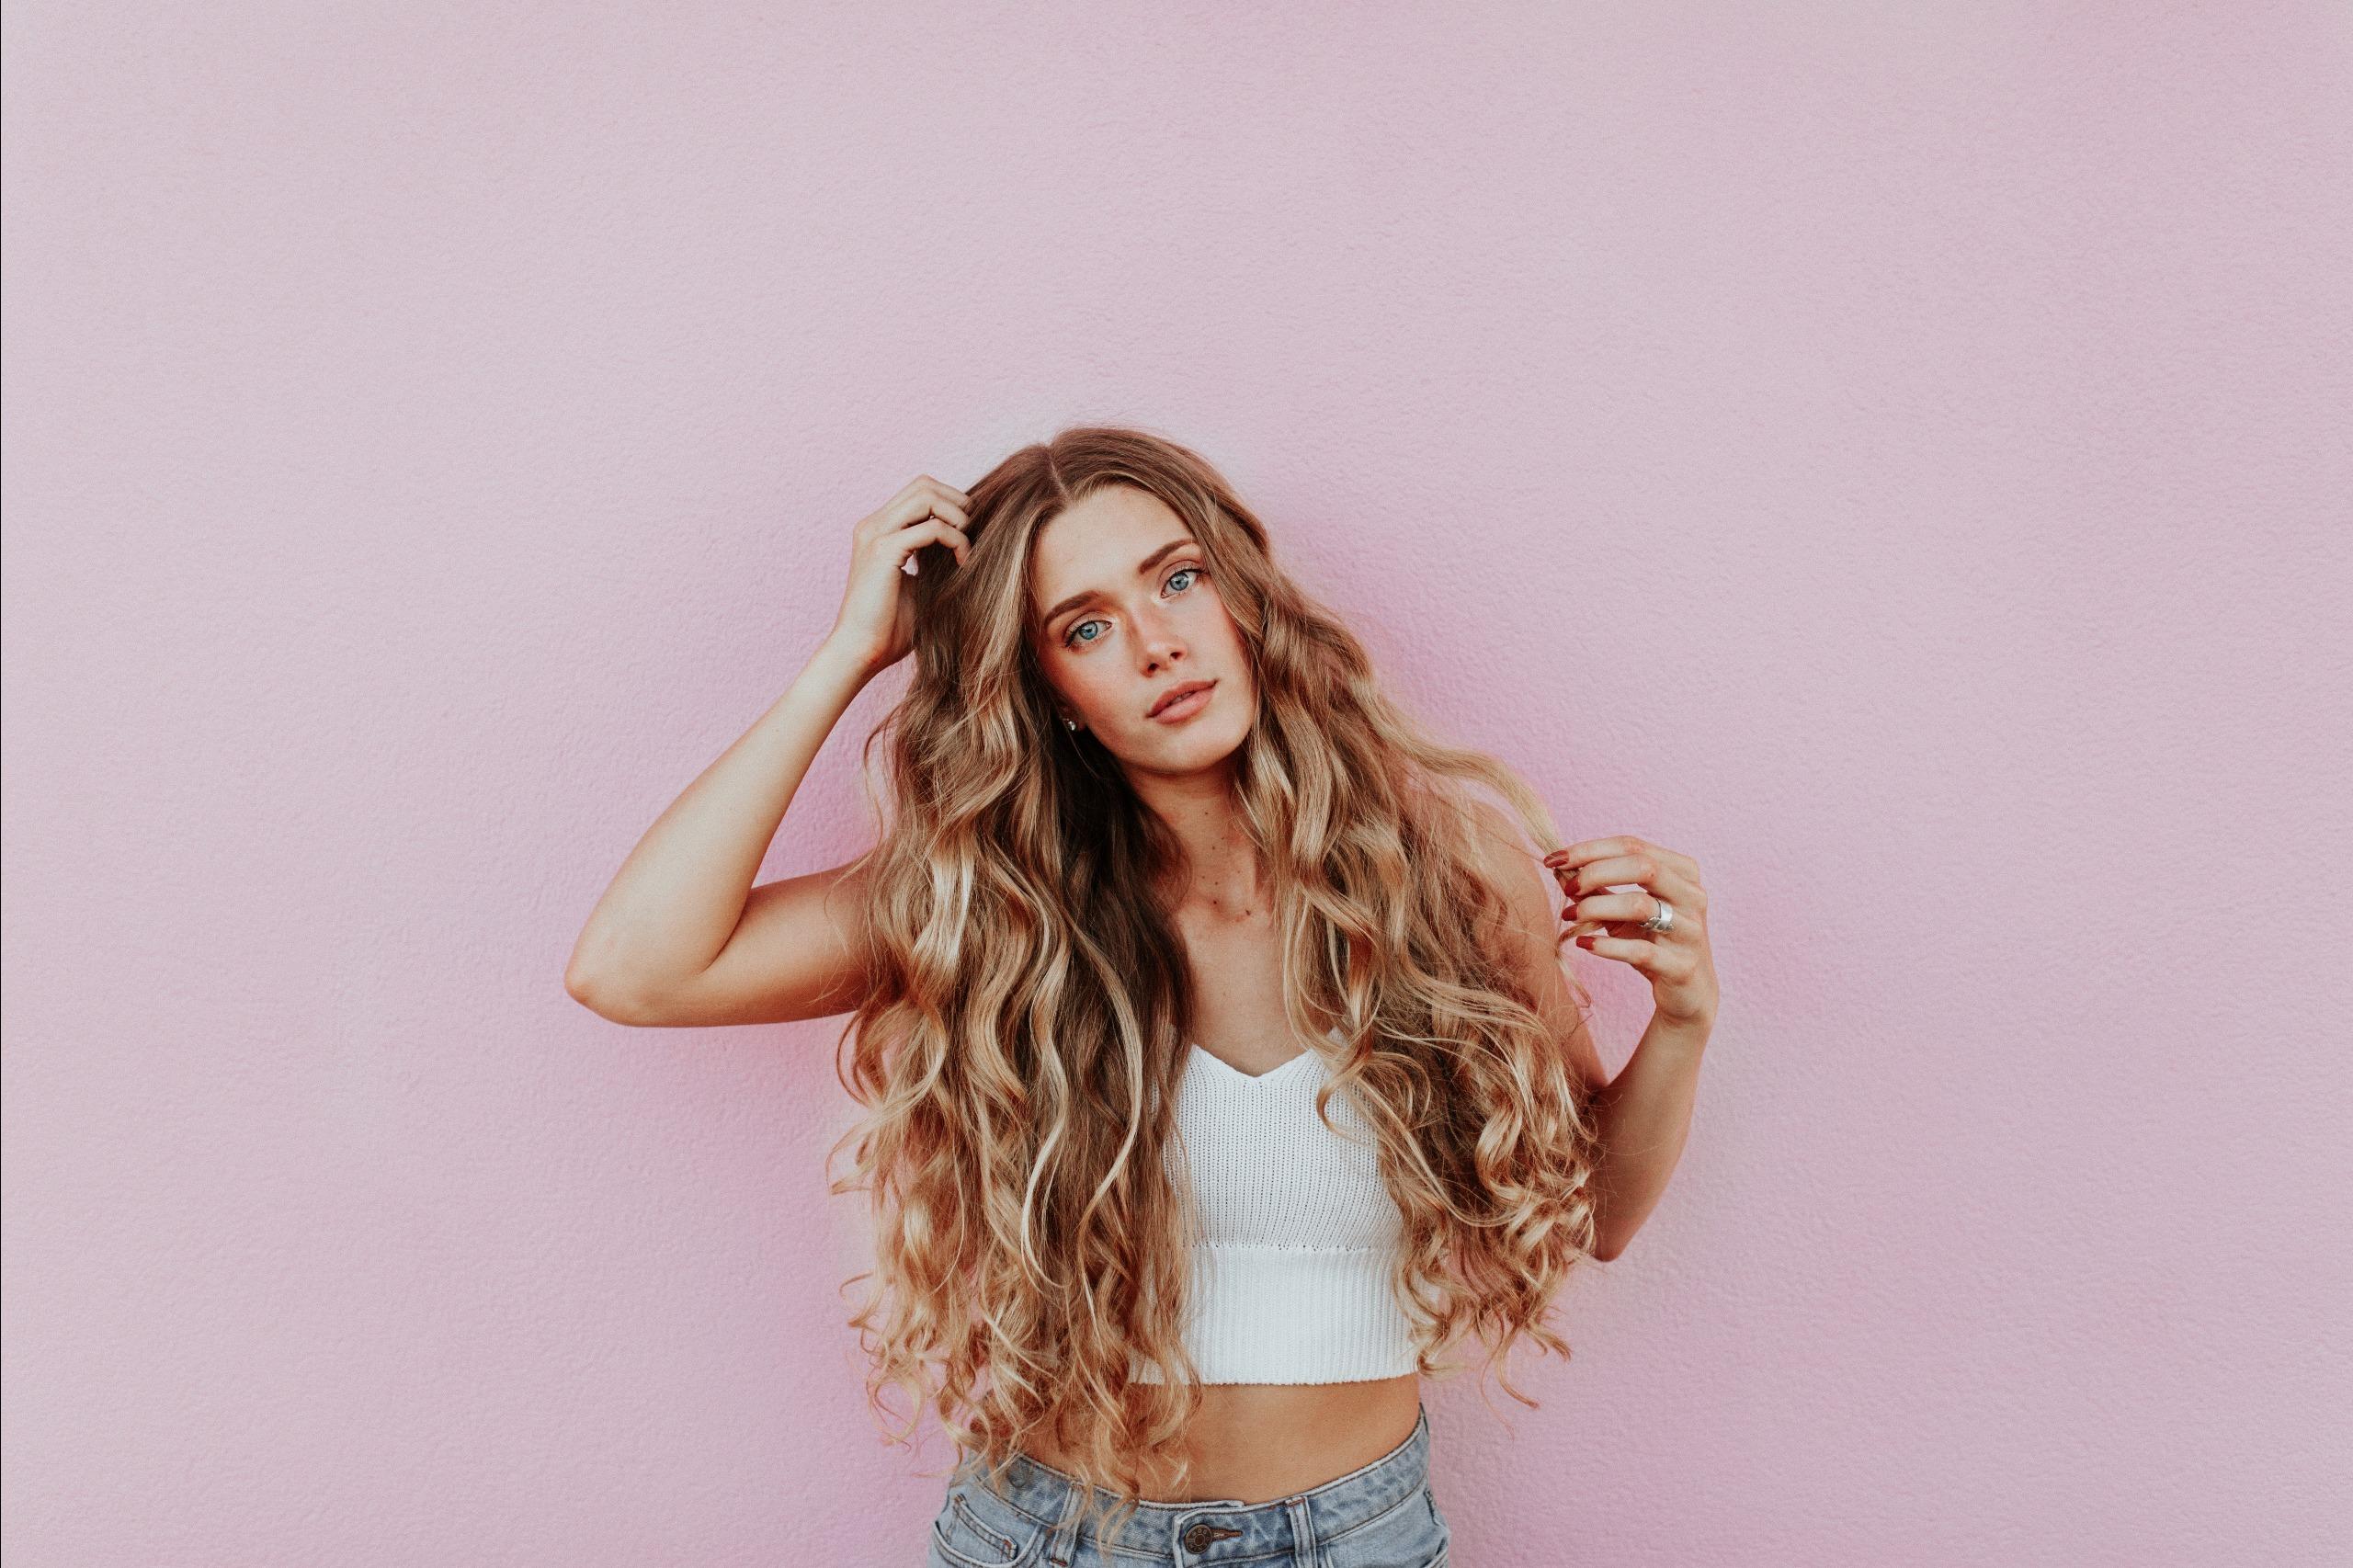 Dưỡng tóc-Cô gái đặt tay lên tóc.